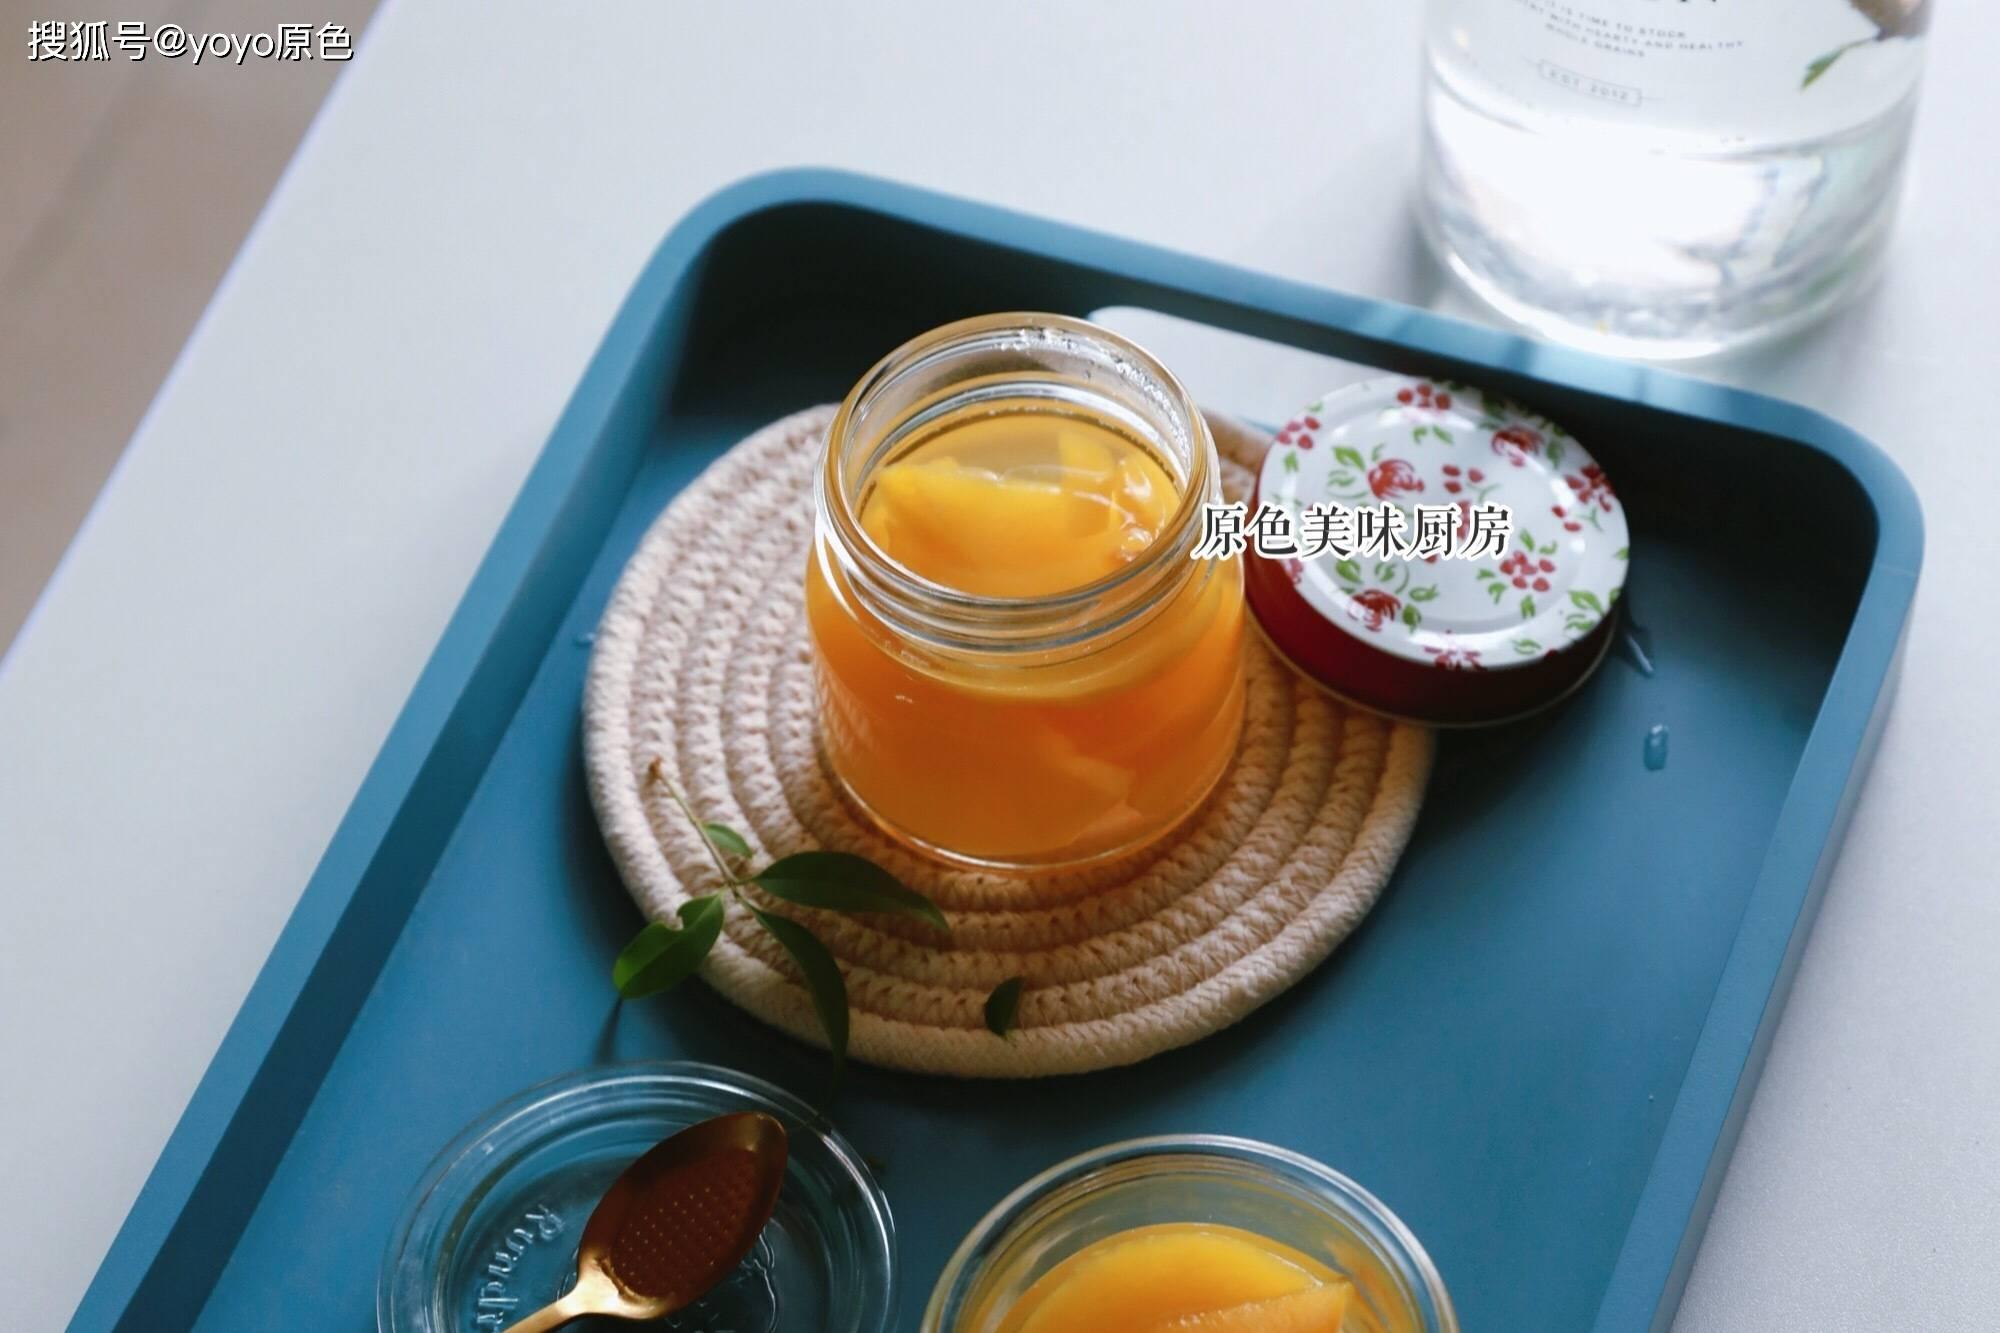 原创这水果夏天正当季,最佳吃法只要煮一煮,解暑又下火